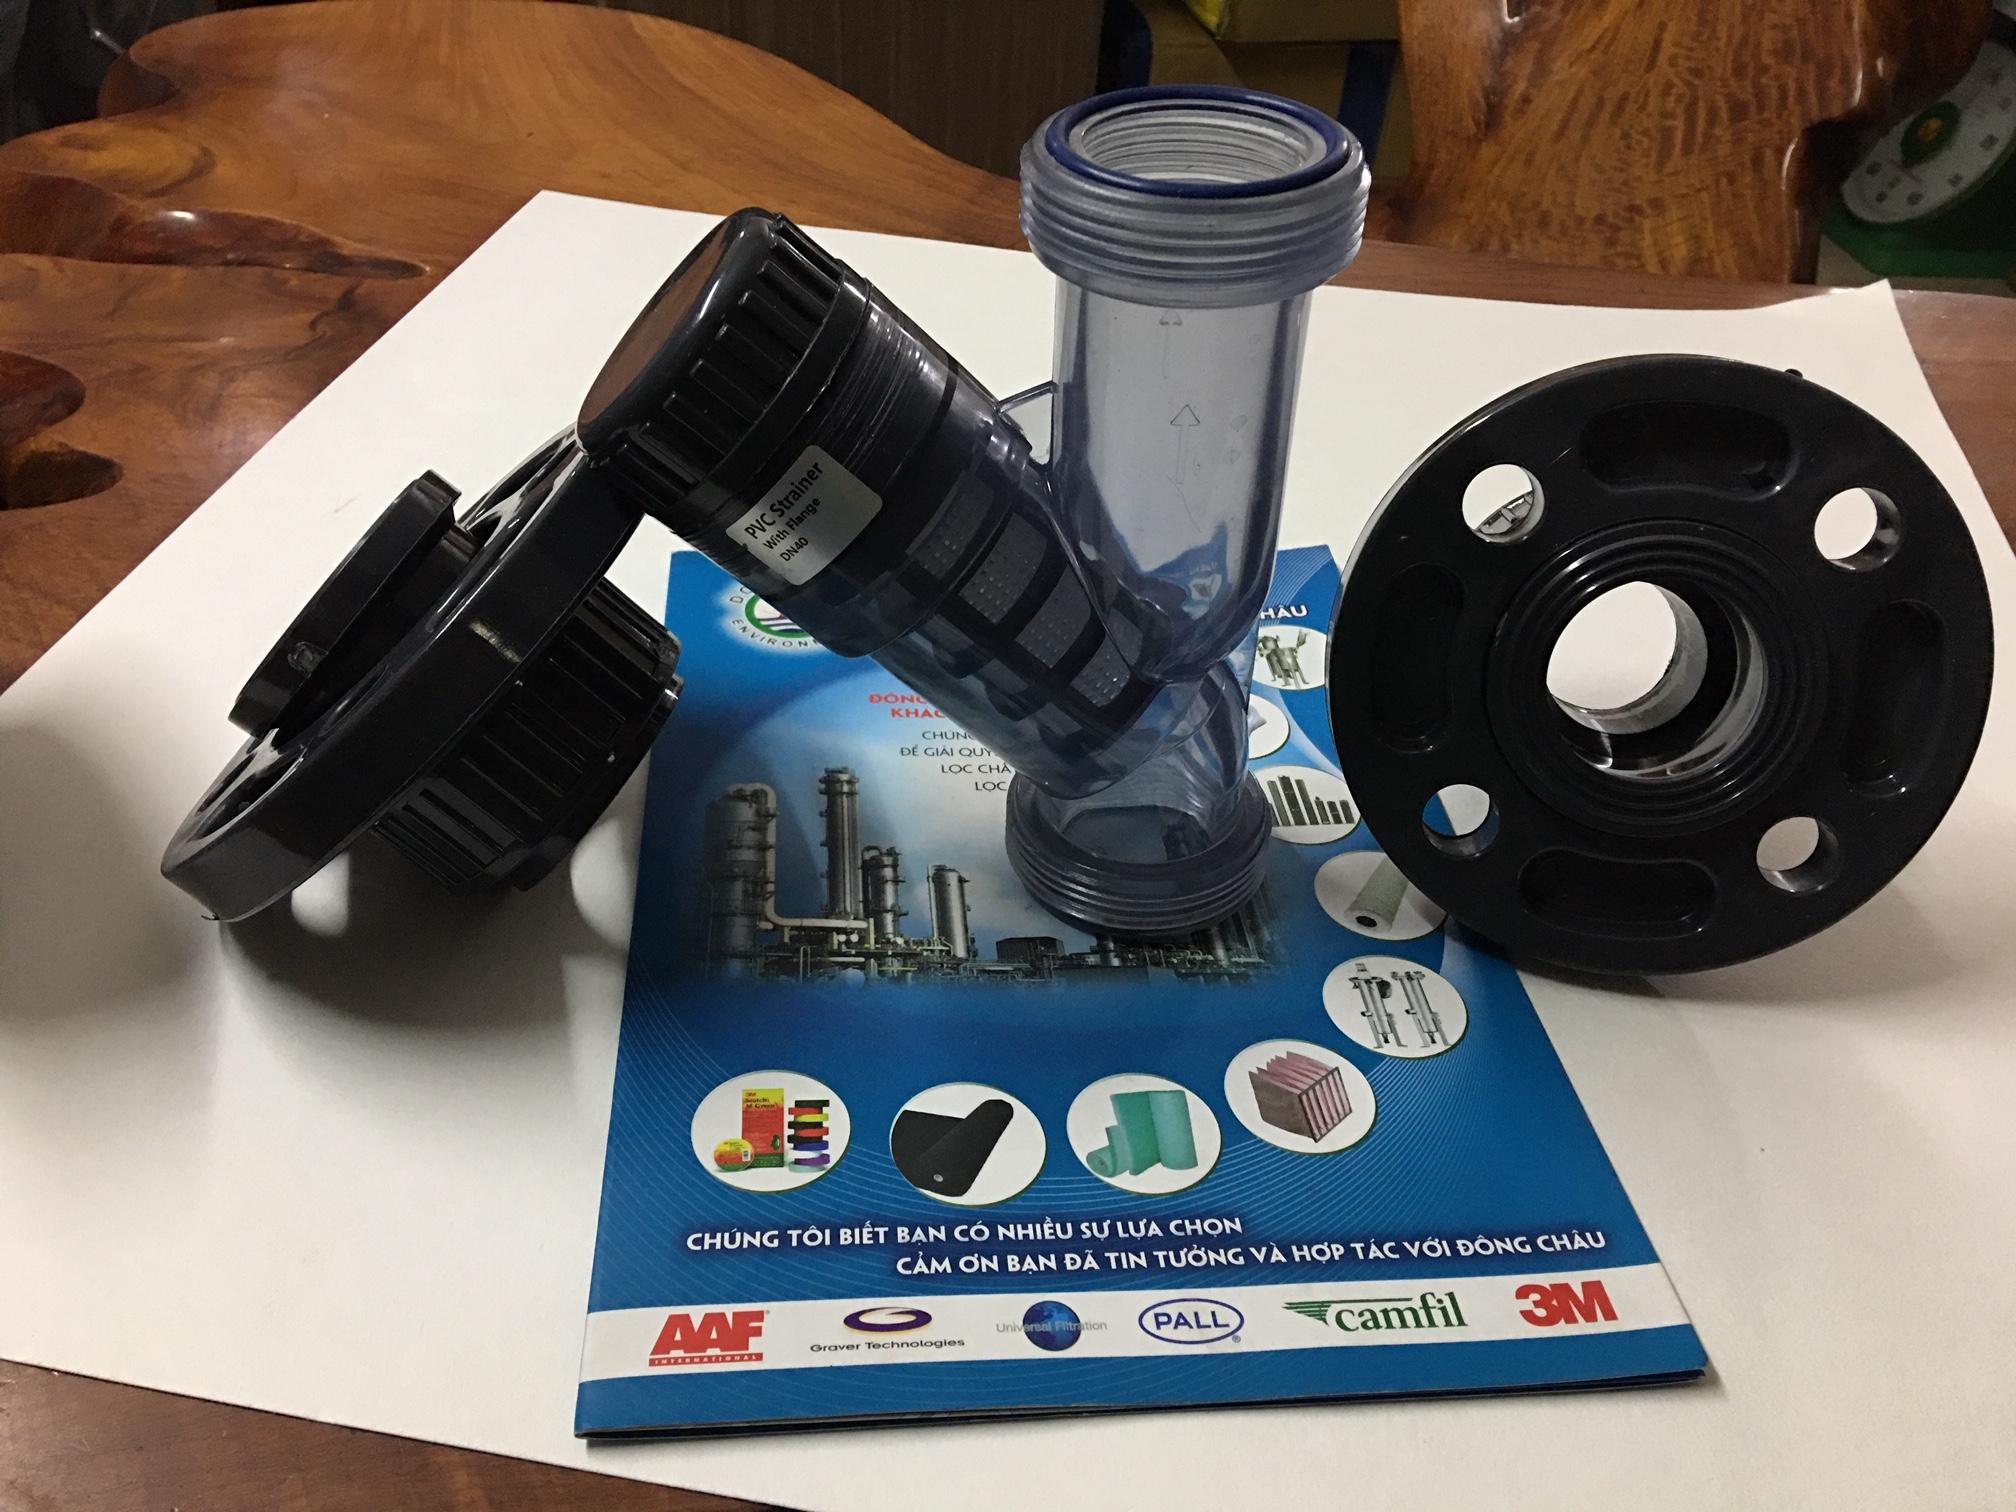 Y Lọc Nhựa Trong UPVC Lọc Đường Ống DN40 Mặt Bích